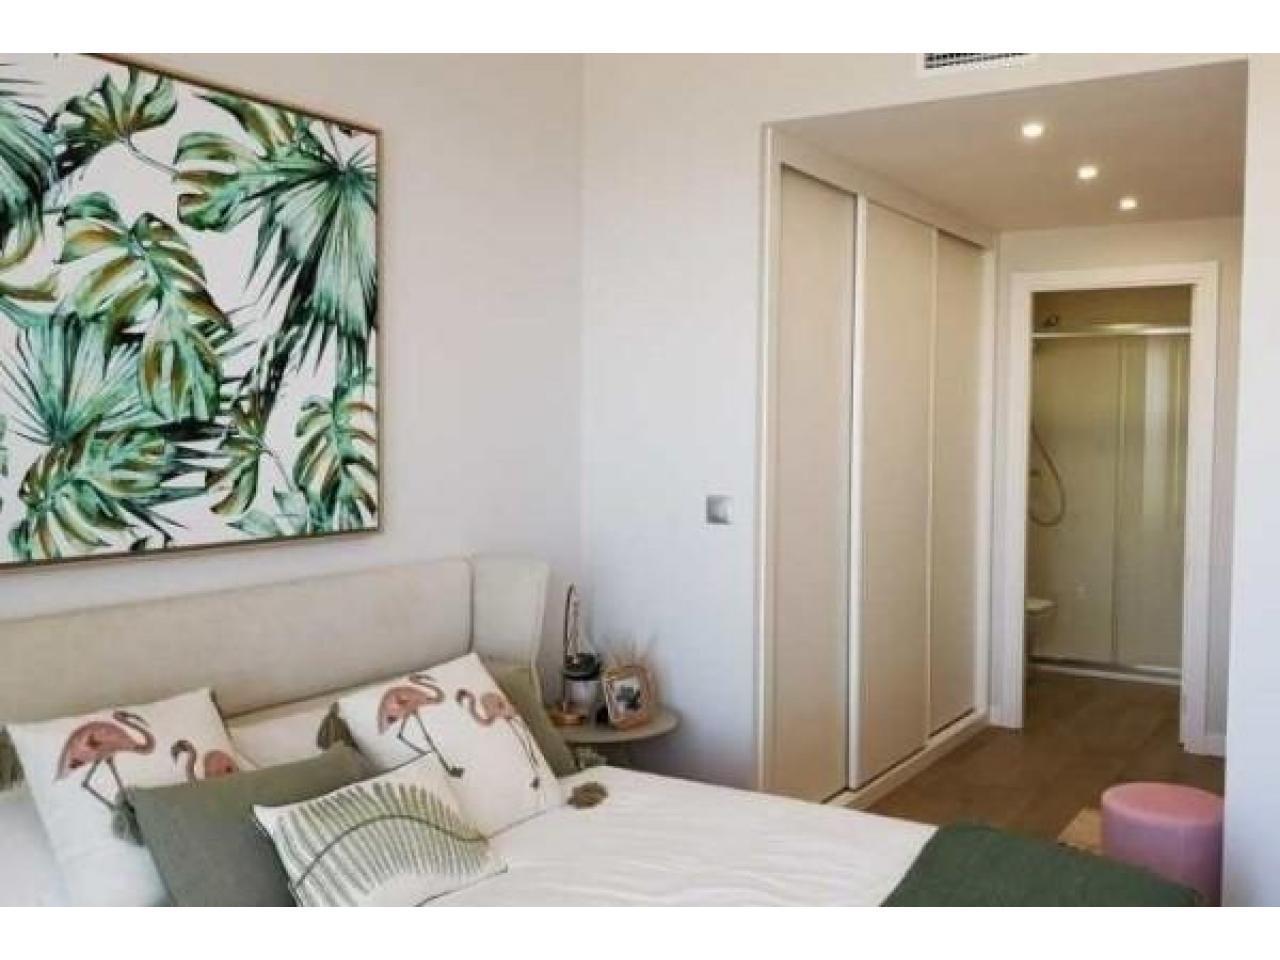 Недвижимость в Испании, Новые квартиры на первой линии пляжа от застройщика в Ла Манга - 5